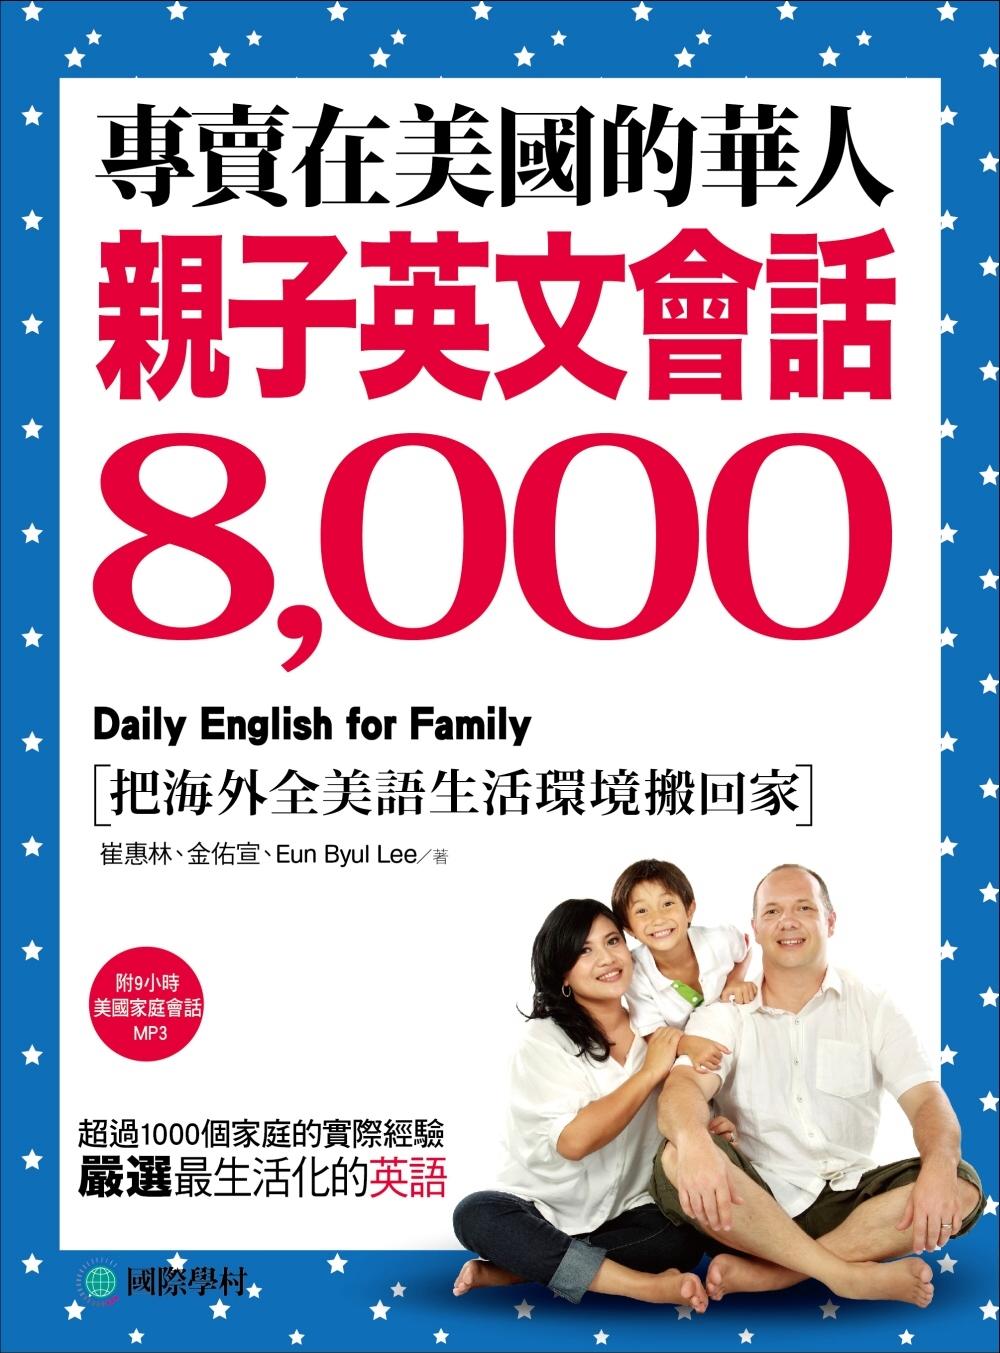 專賣在美國的華人!親子英文會話8000:超過一千個家庭的實際經驗,嚴選最生活化的英語(附9小時美國家庭環境會話 MP3)